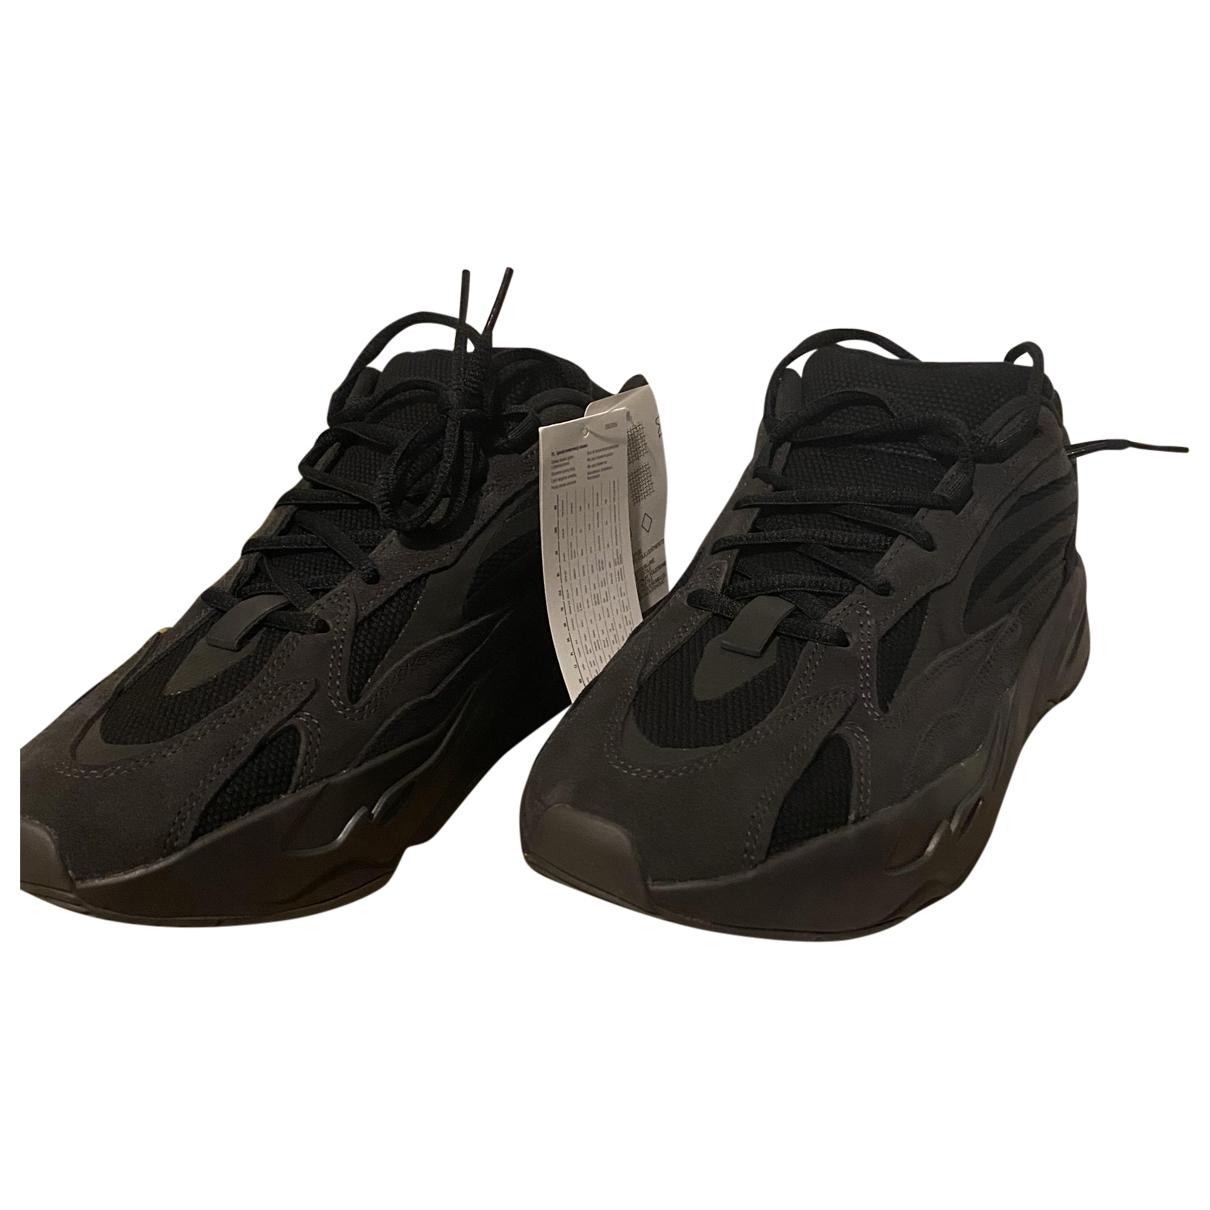 Yeezy X Adidas - Baskets Boost 700 V2 pour homme en cuir - noir